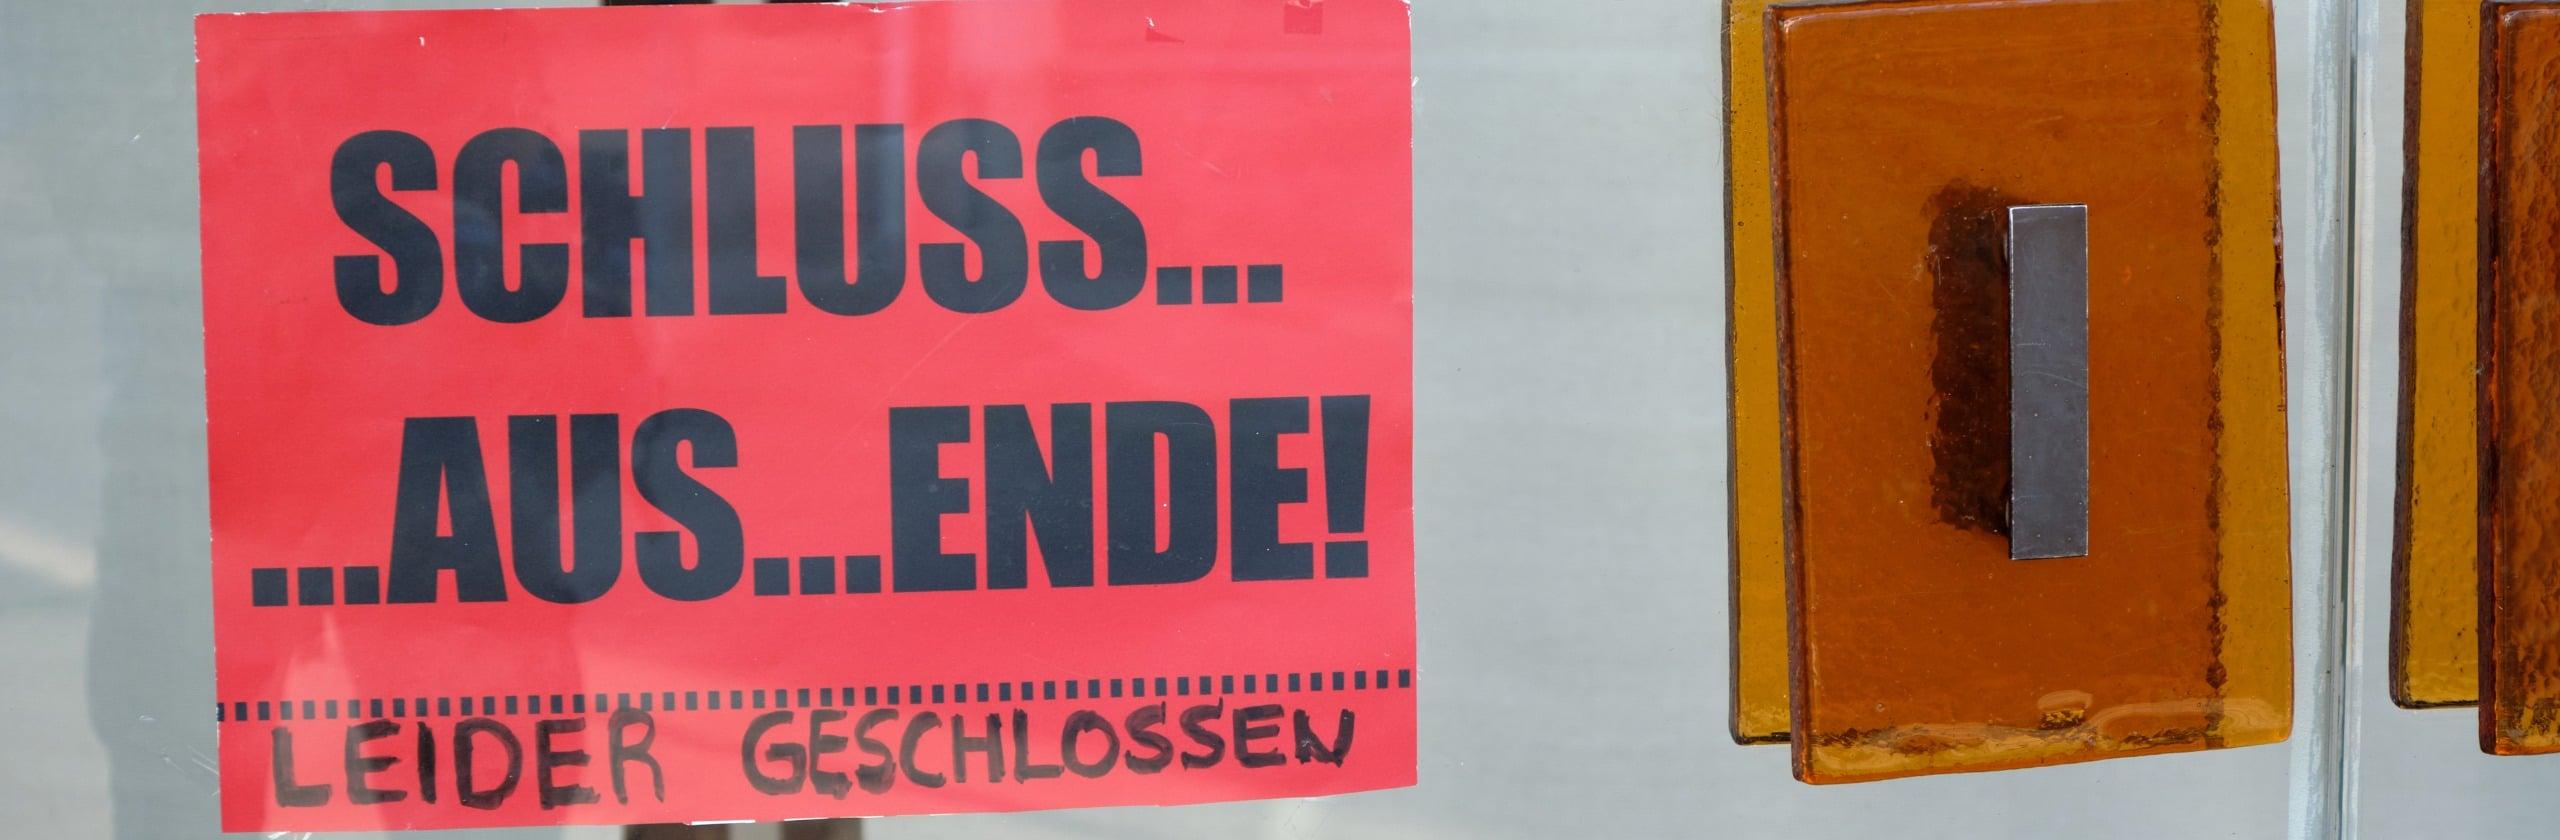 GmbH mit Problemen verkaufen oder GmbH Insolvenz anmelden